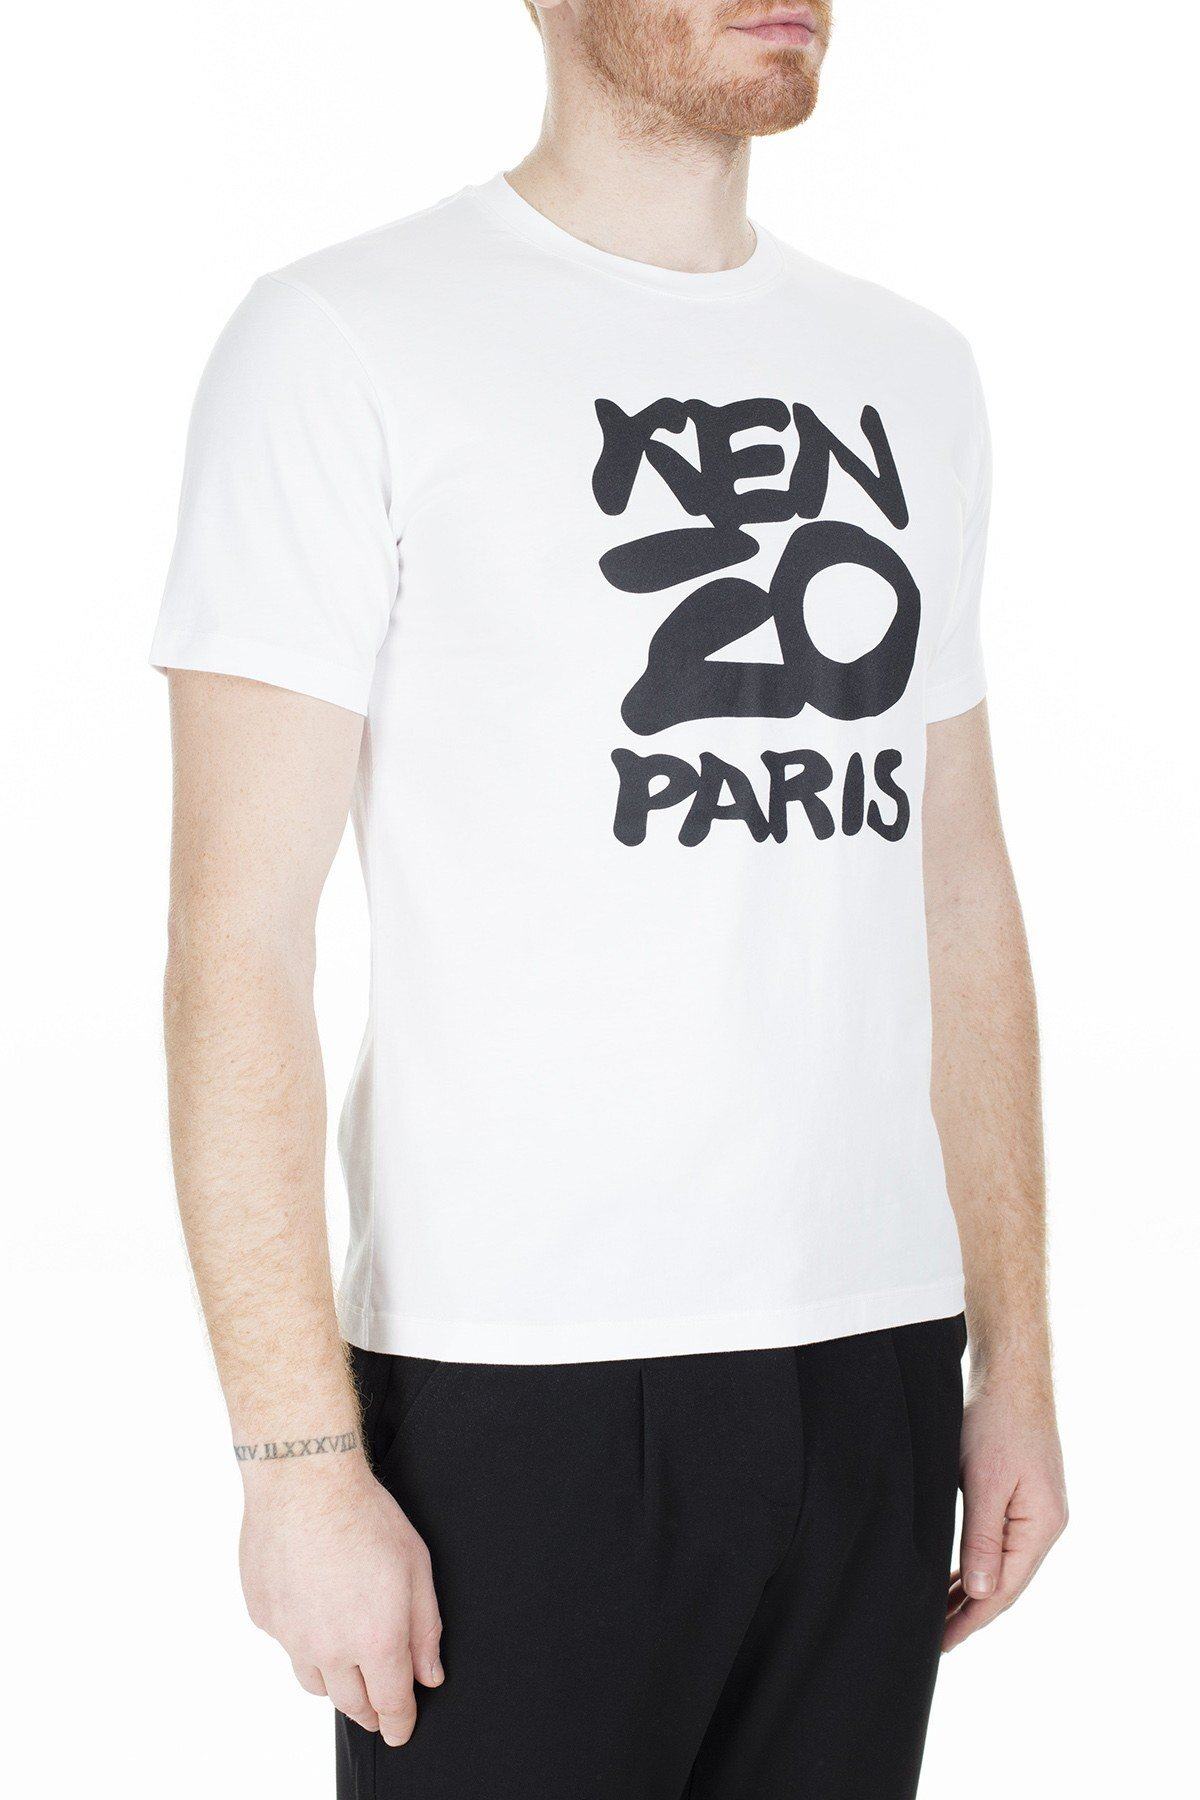 Kenzo Erkek T Shirt FA5 5TS018 4SA 01 BEYAZ